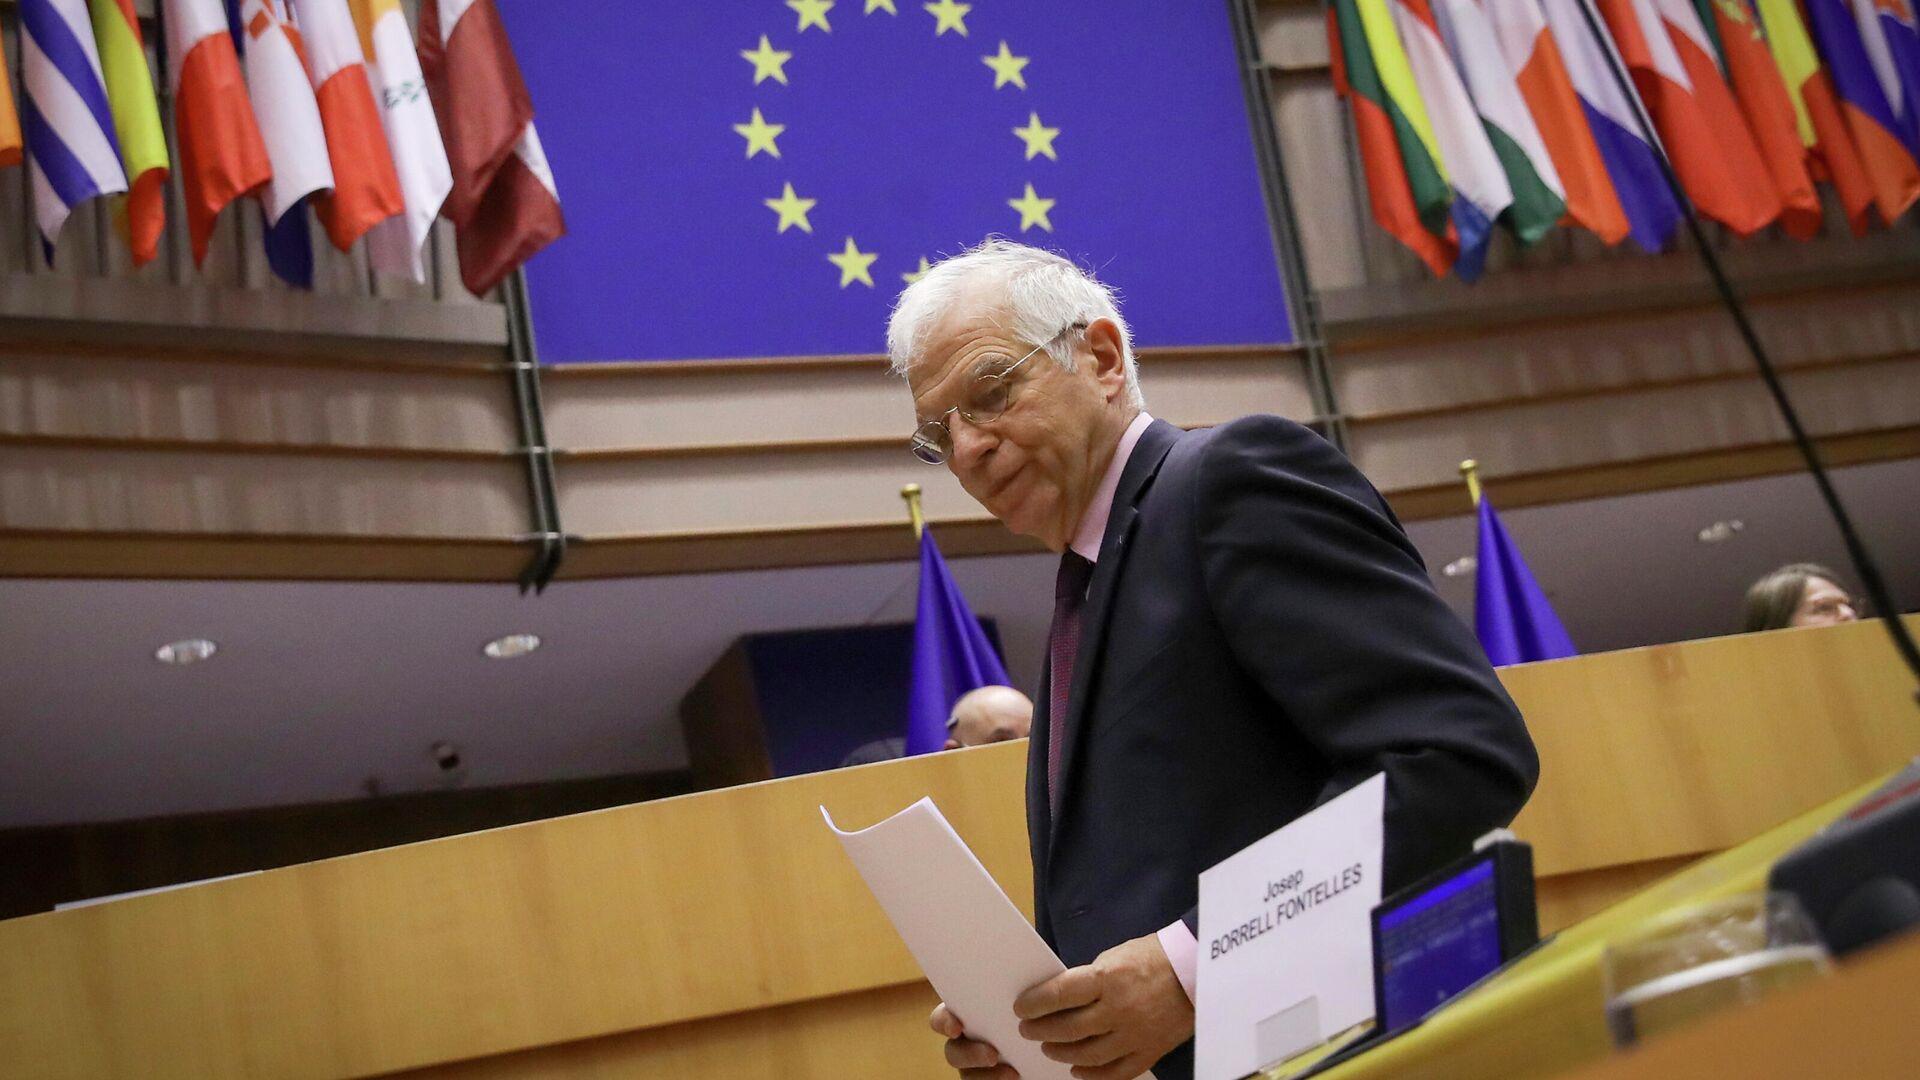 Верховный представитель Европейского союза по иностранным делам и политике безопасности Жозеп Боррель на заседании Европарламента в Брюсселе - РИА Новости, 1920, 22.03.2021